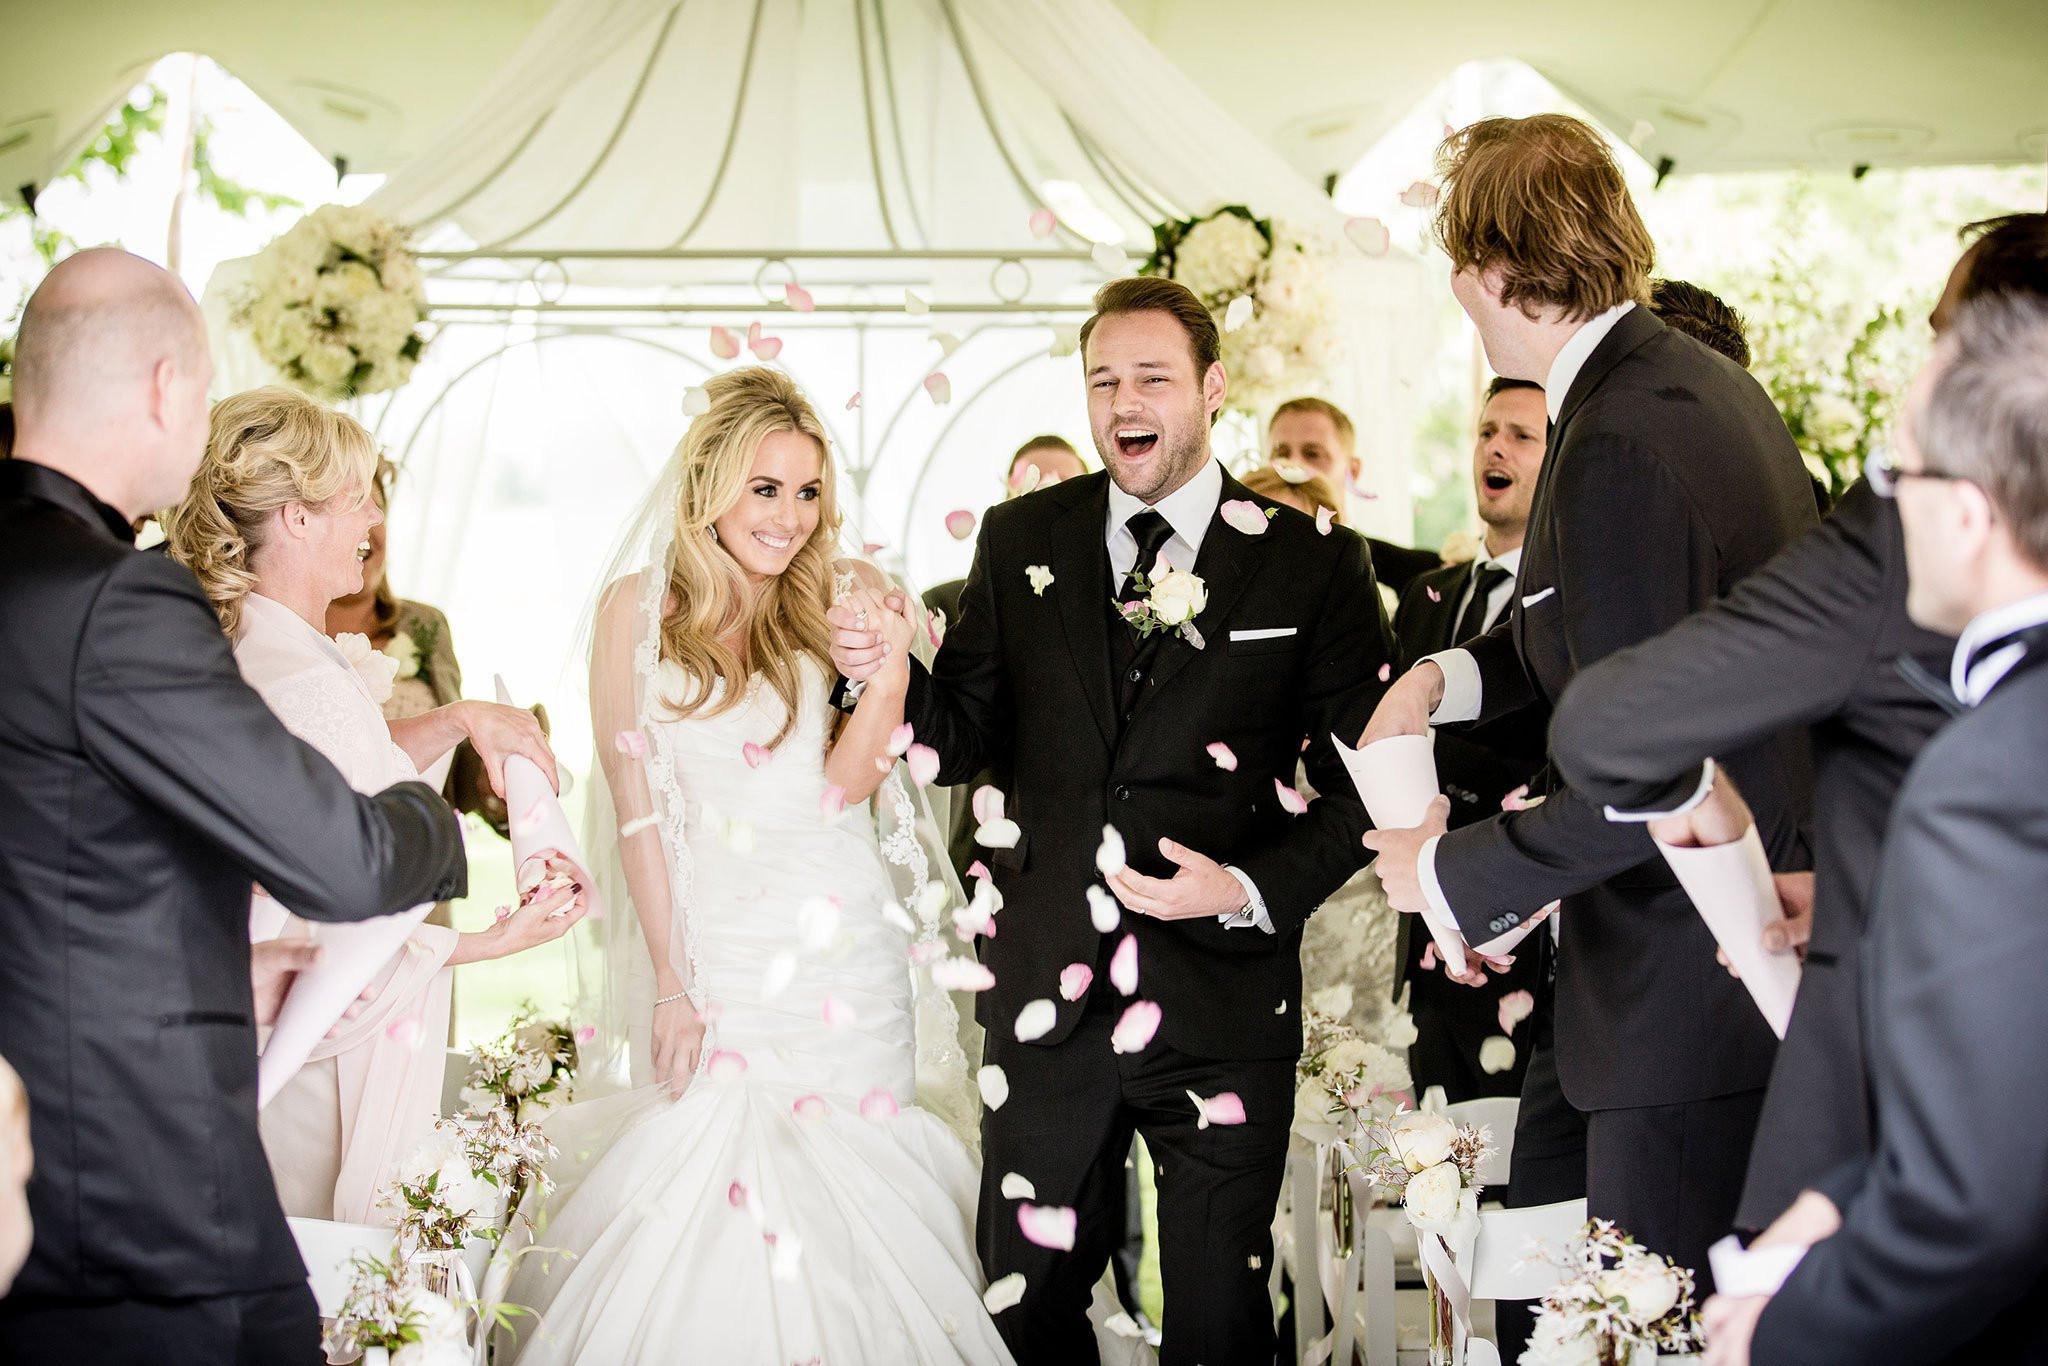 Nummers Voor Na Het Jawoord Theperfectwedding Nl